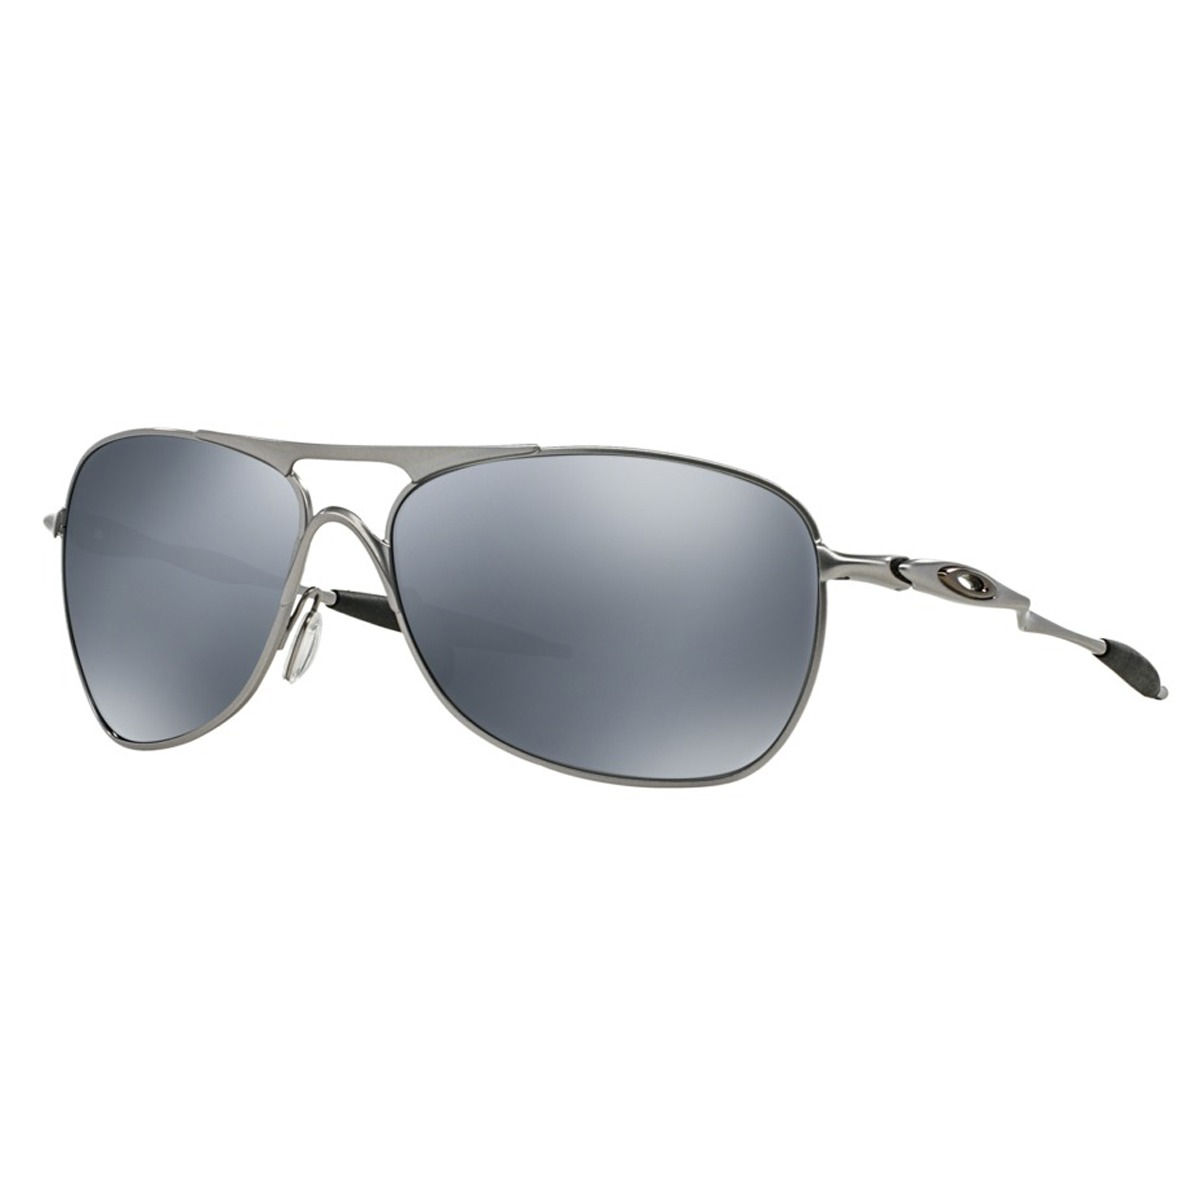 1804aa3671d2d Óculos Oakley Crosshair Lead black Iridium Polarizado - R  649